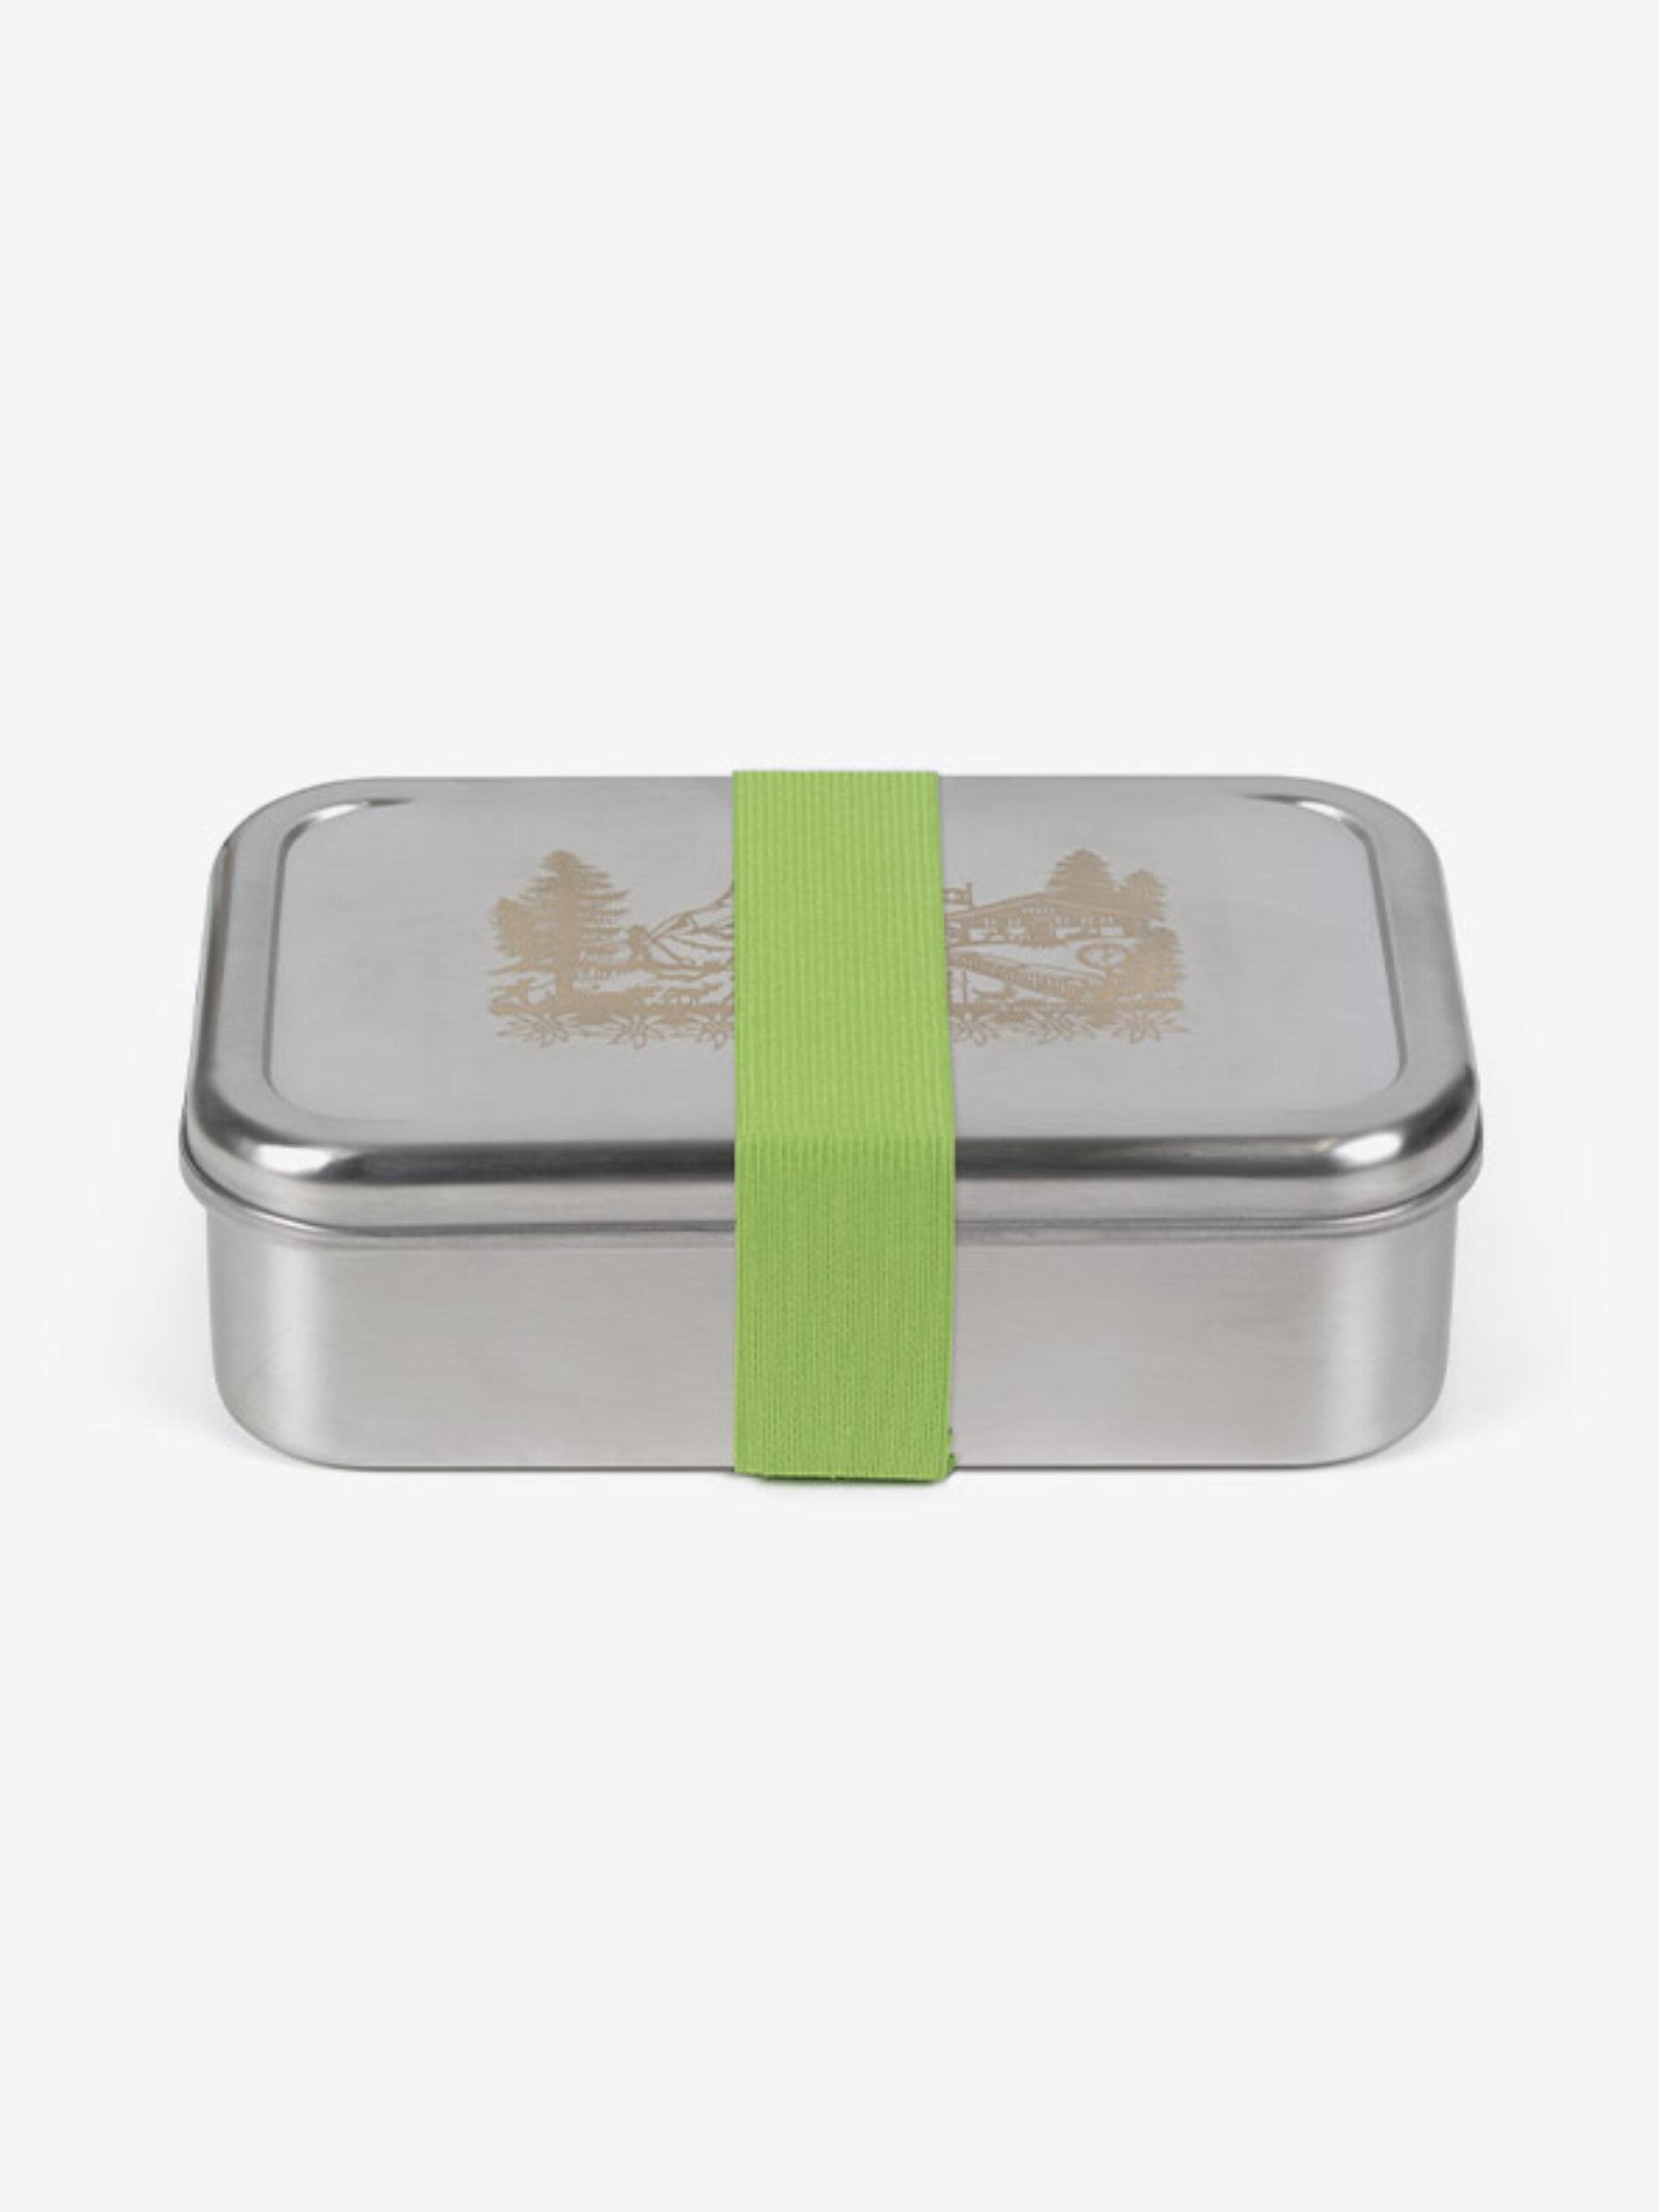 Lunchbox Edelstahl Mit Farbigen Zugband